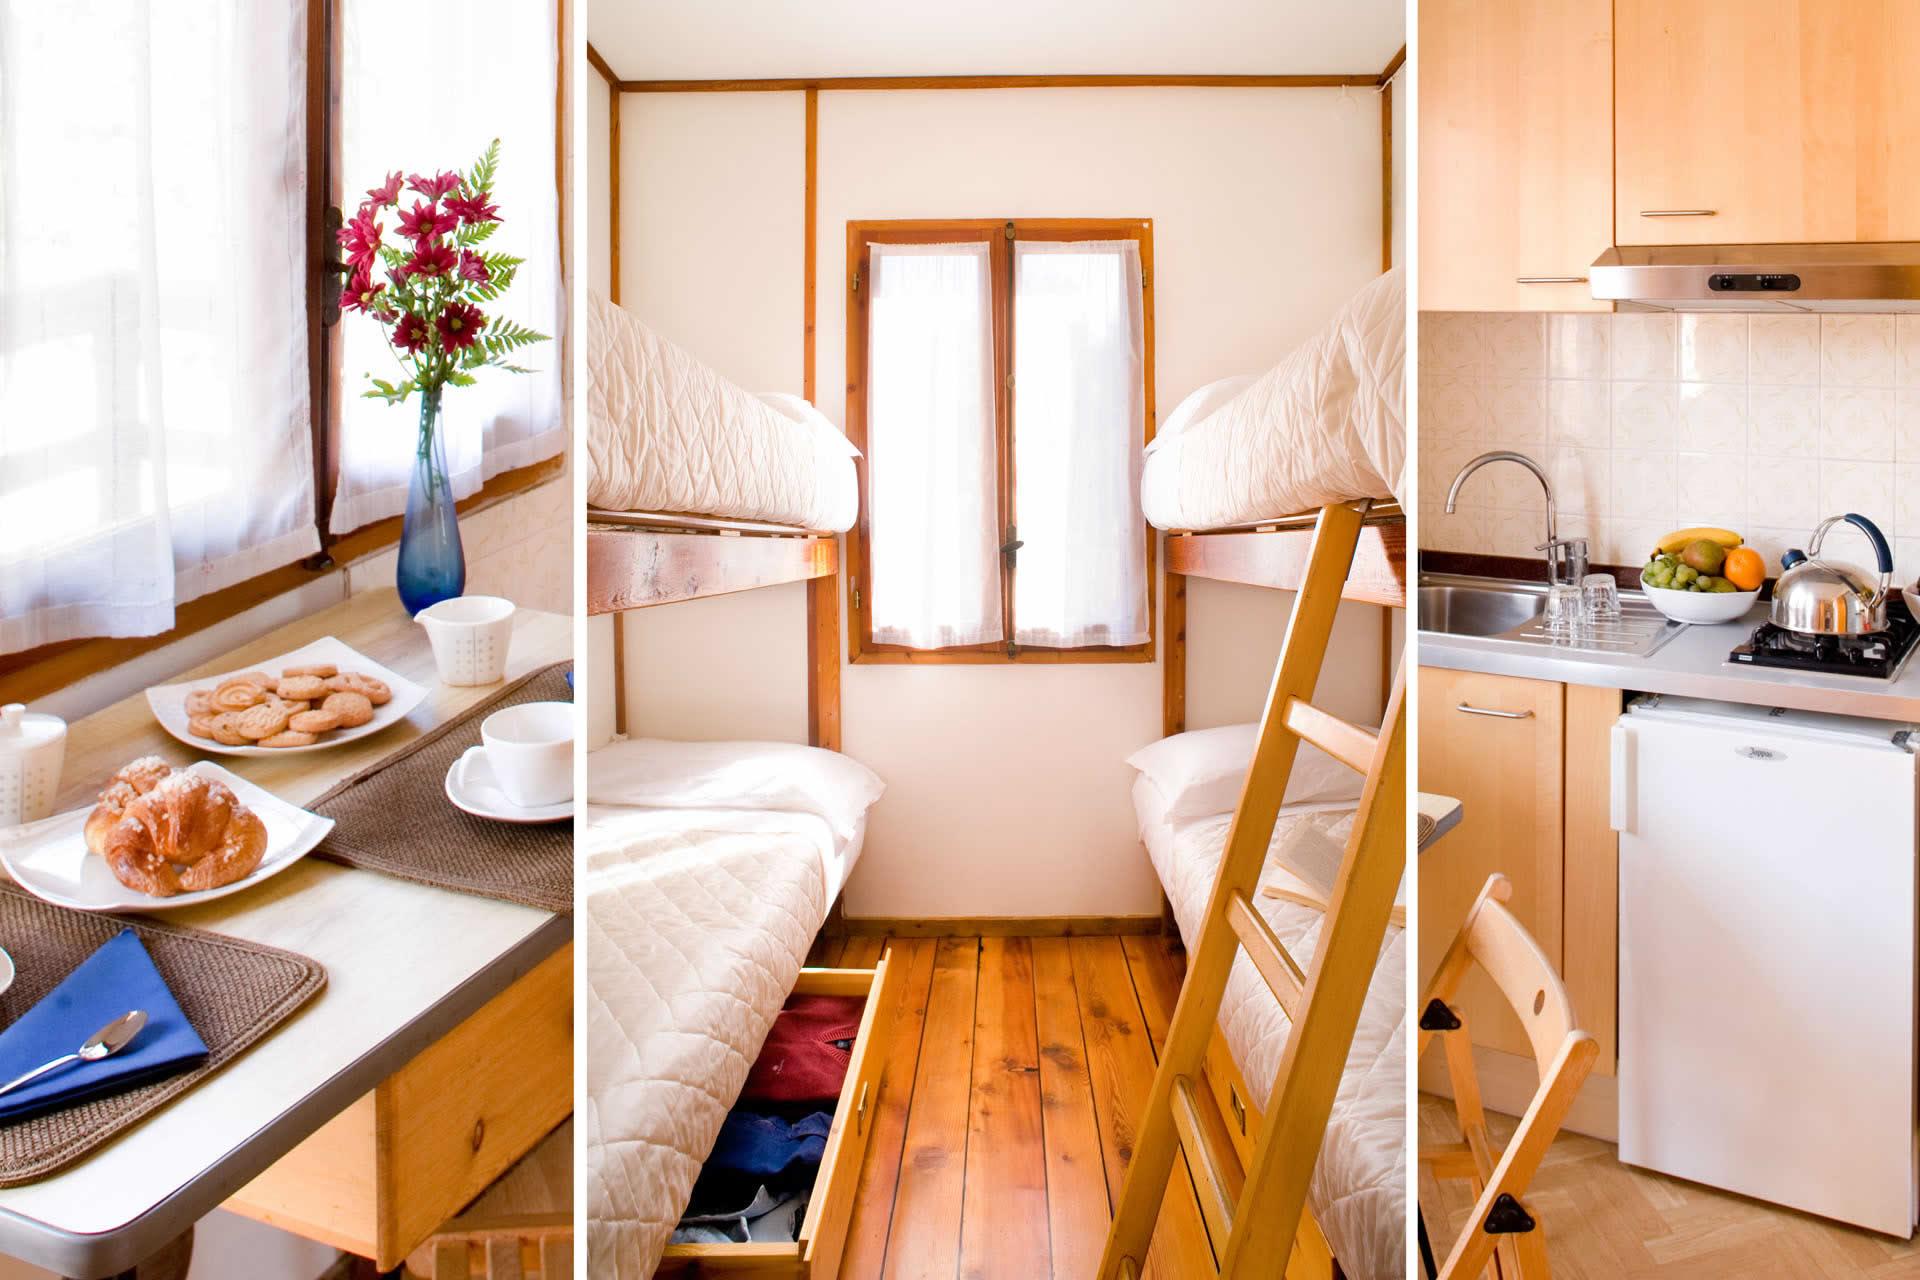 camping ligurià chalet bungalows bloemenriviera